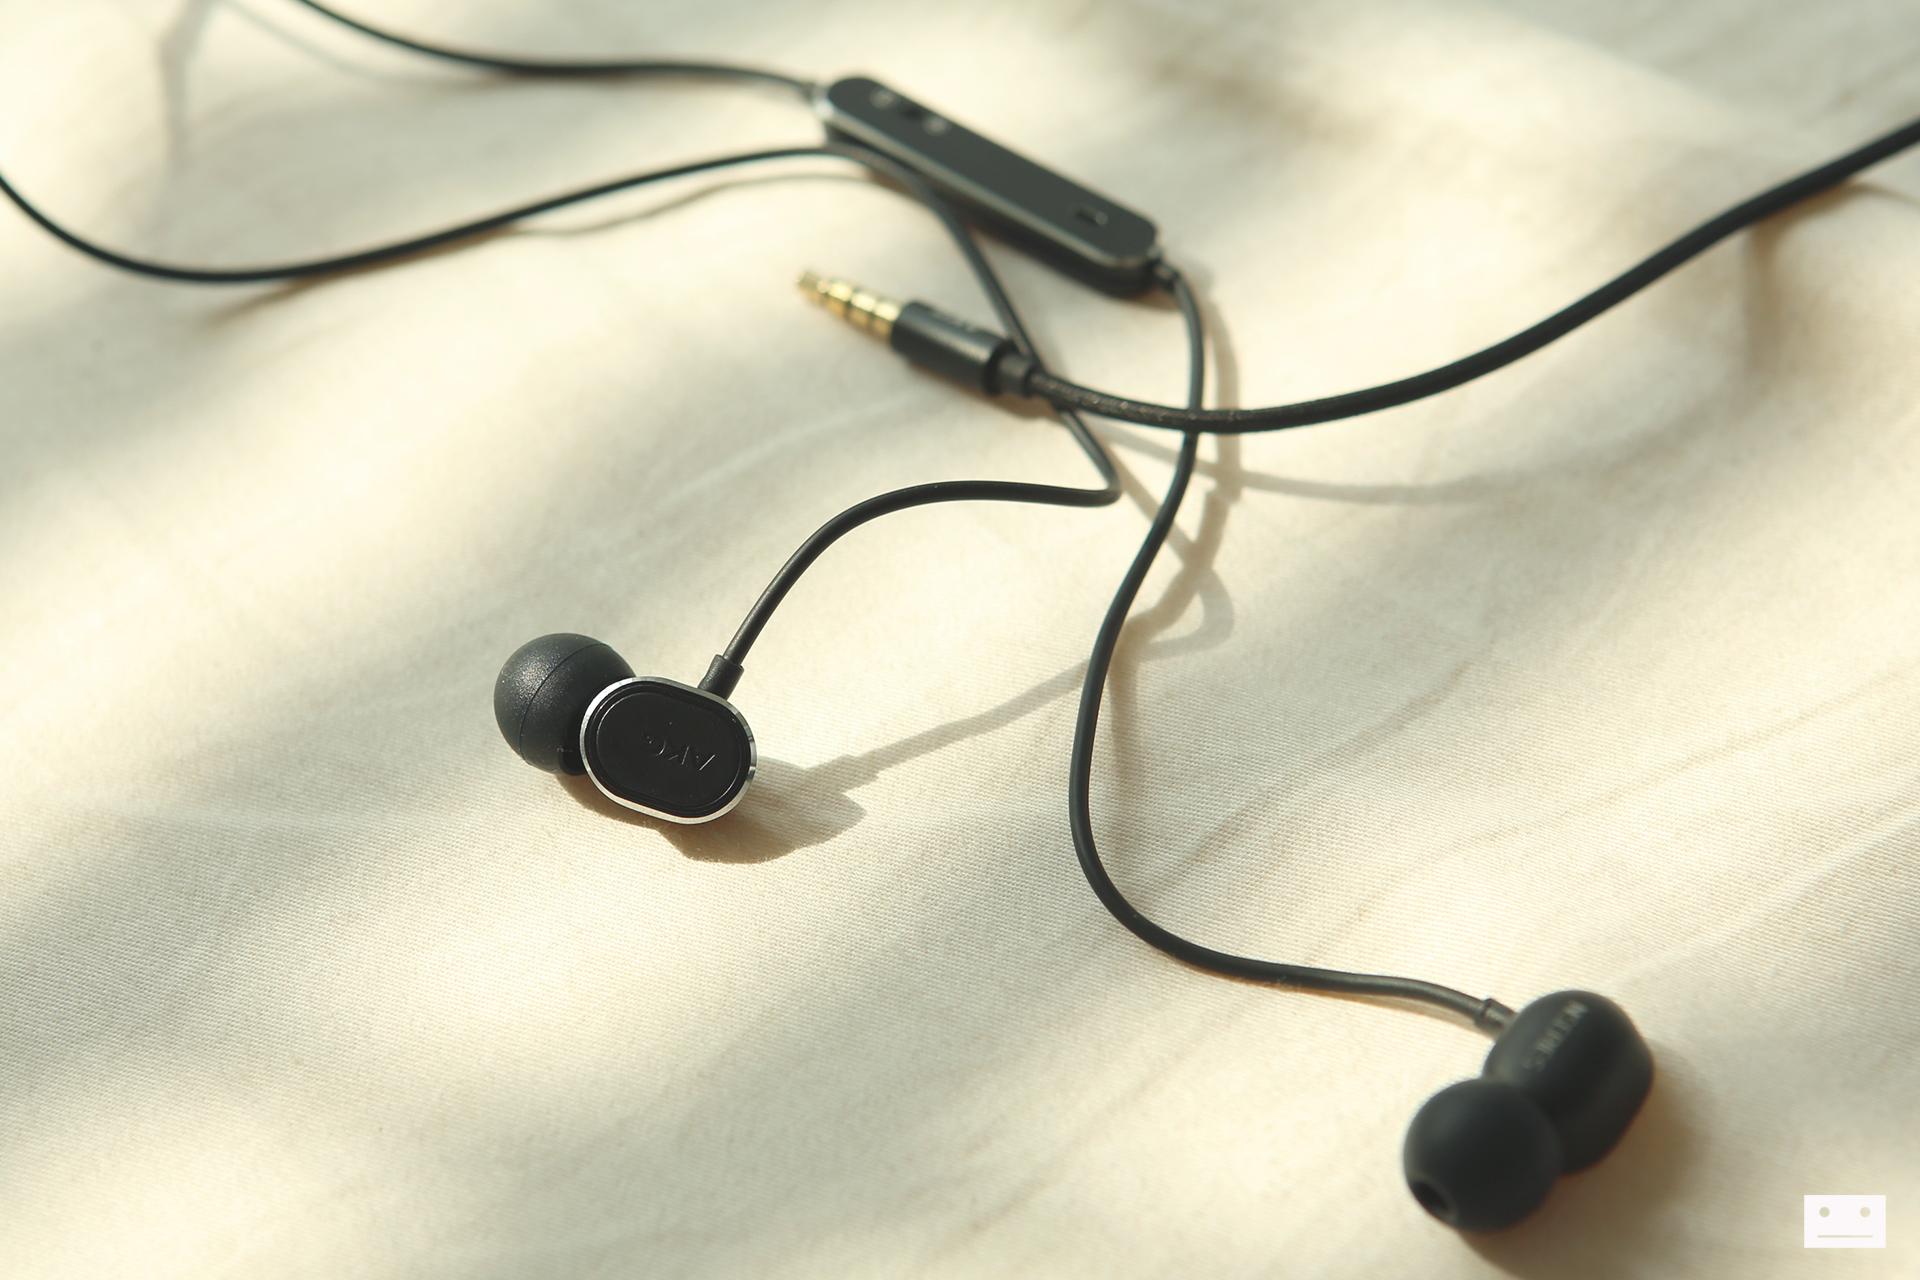 akg n20 earphone review (14)